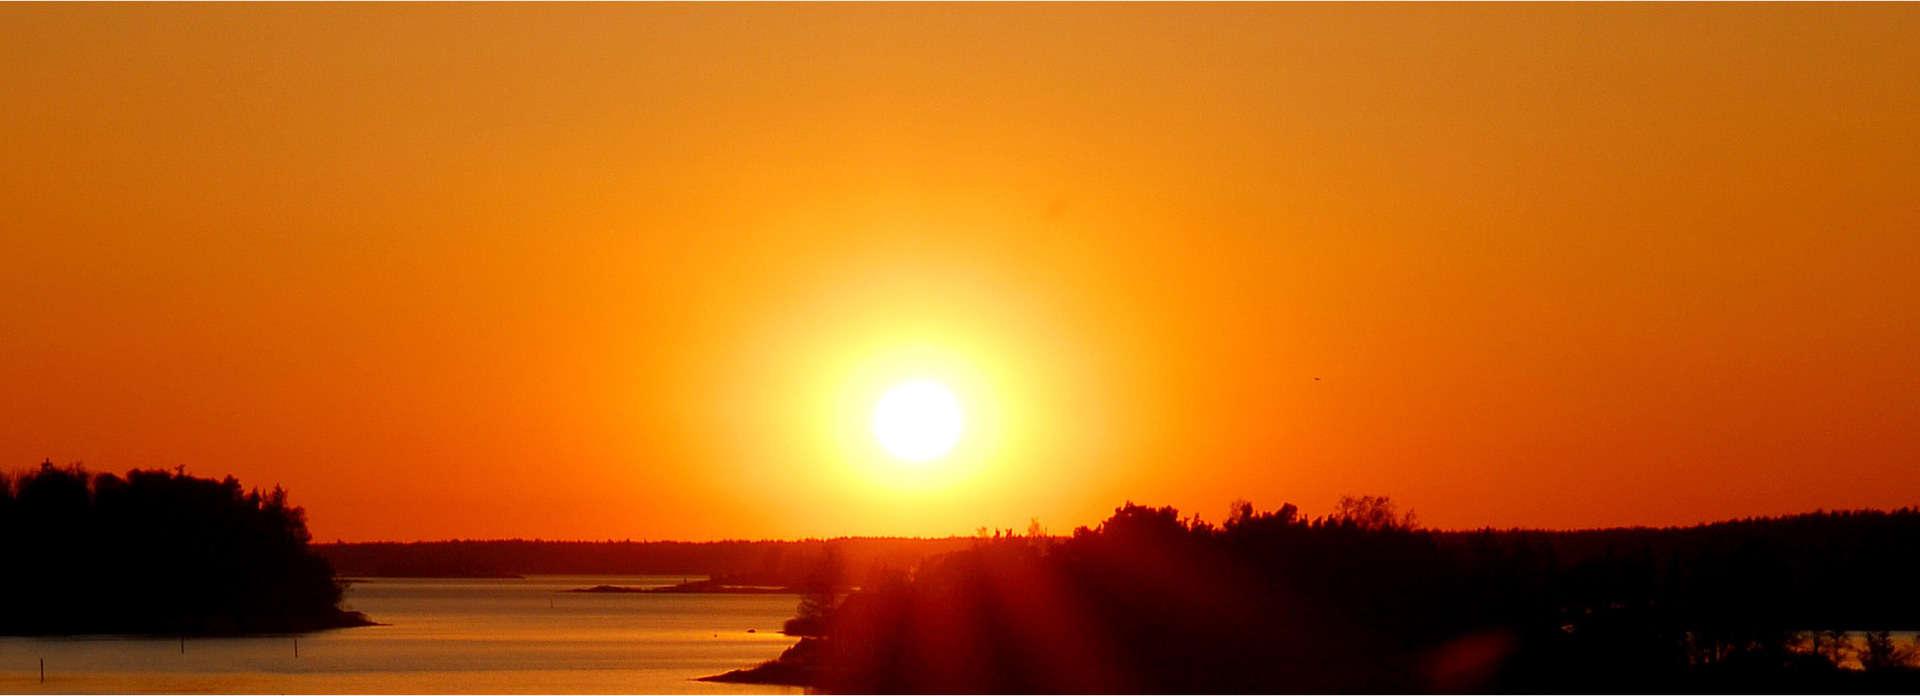 午夜的太阳